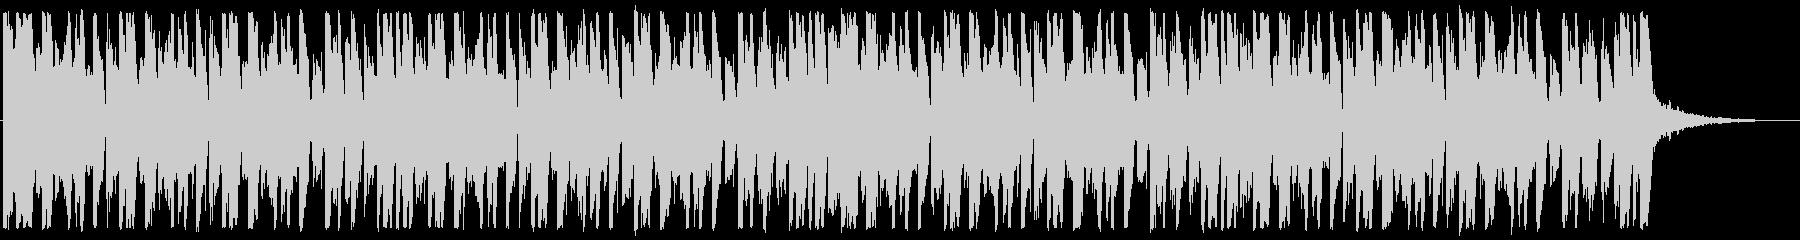 キラキラ/ハウス_No484_5の未再生の波形